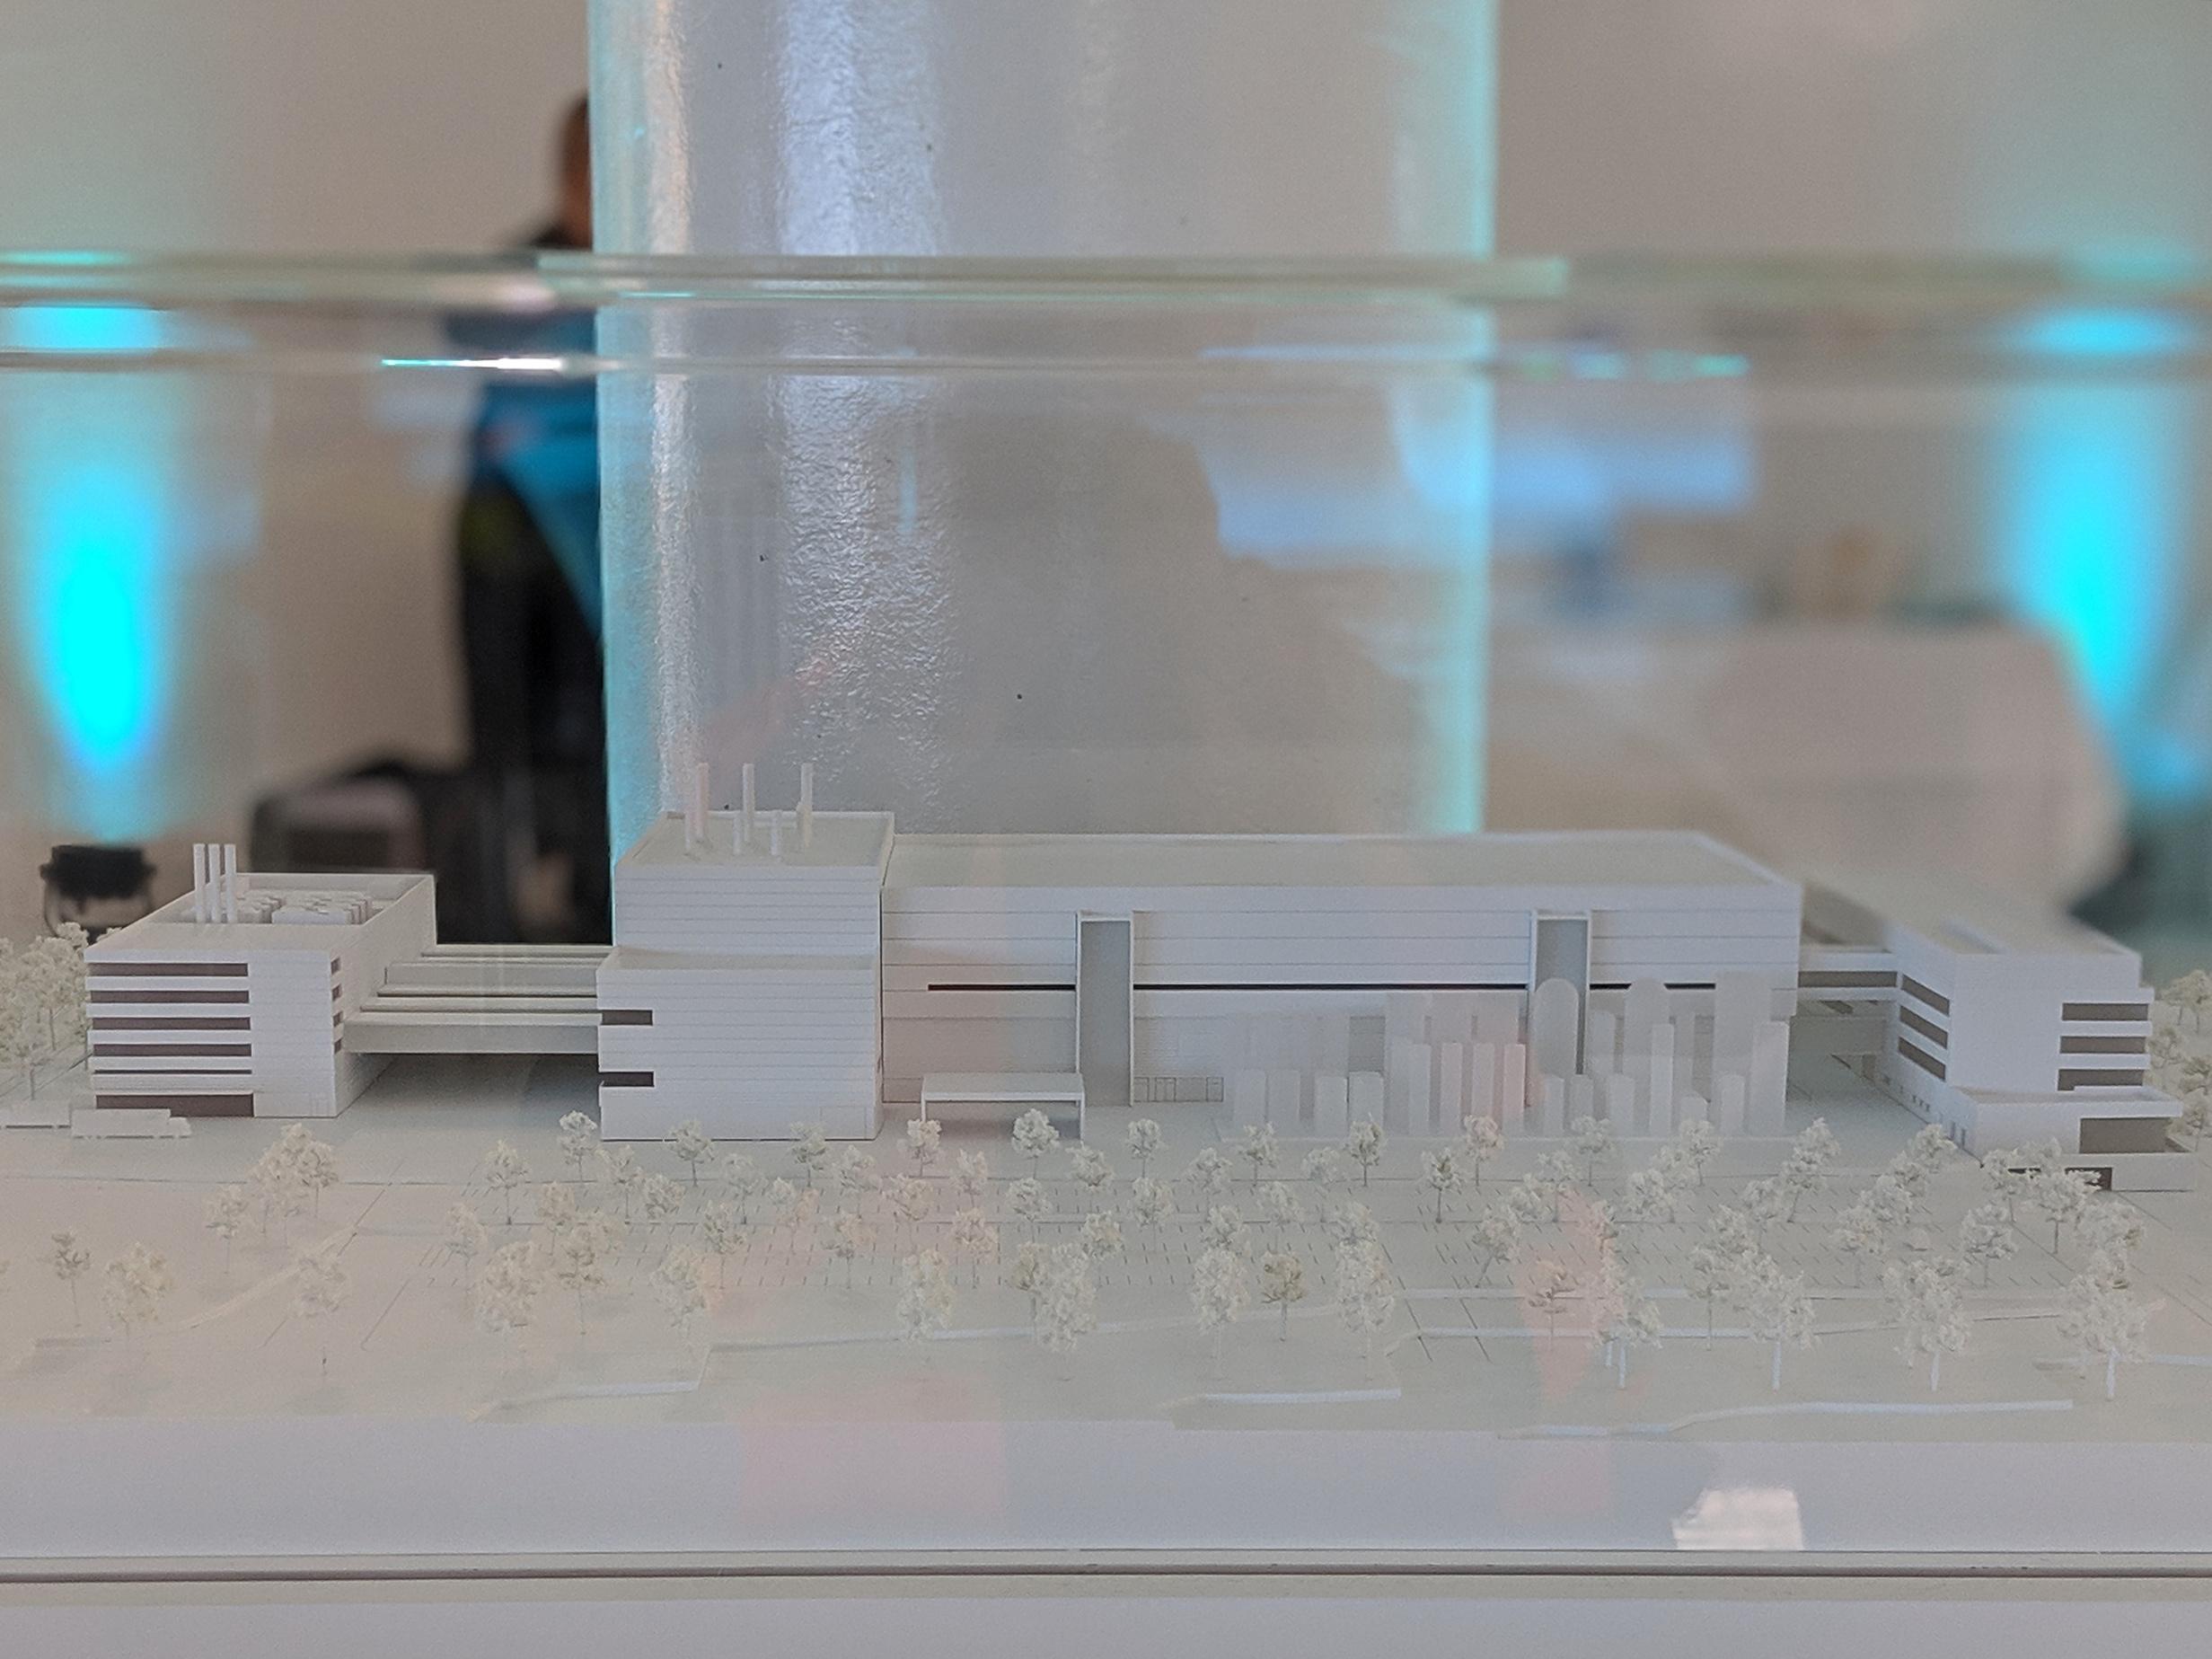 RB300: Ein Blick in Boschs 300-mm-Fab - Miniaturmodell der RB300 (Bild: Marc Sauter/Golem.de)